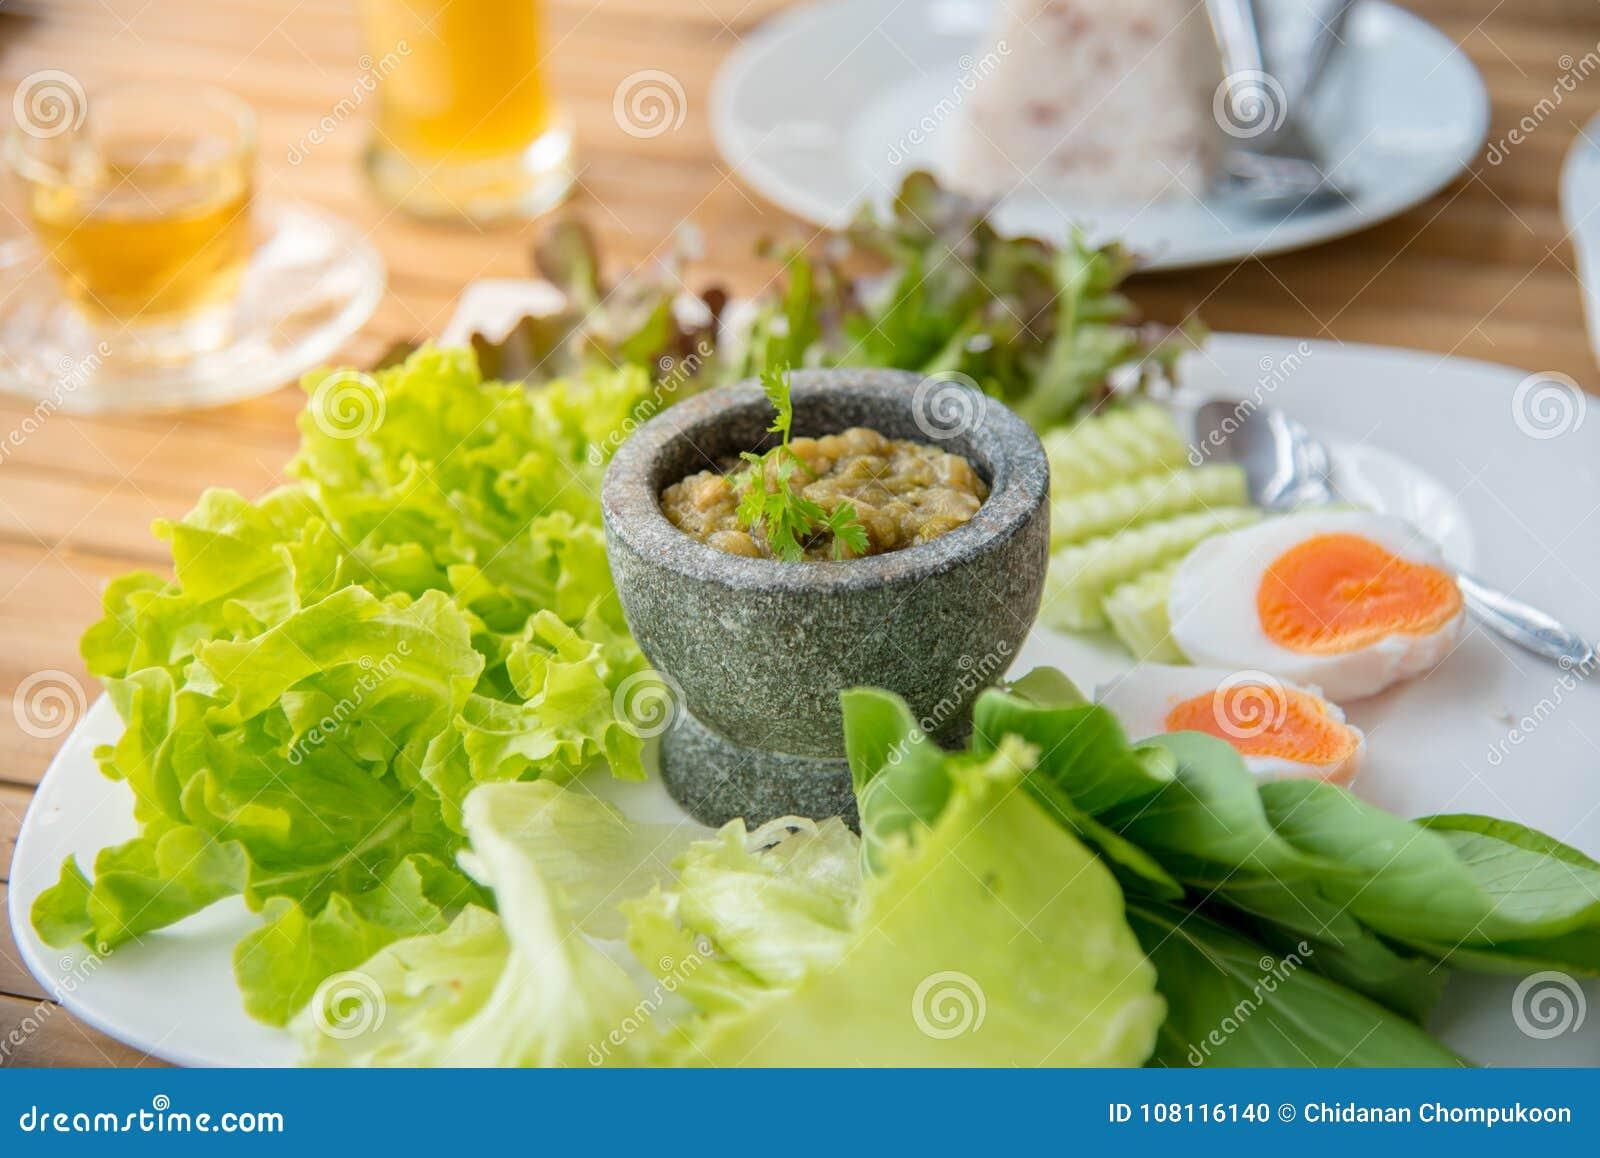 Vegan food vegetarian food nam prik is a thai food recipe stock download vegan food vegetarian food nam prik is a thai food recipe stock photo forumfinder Gallery